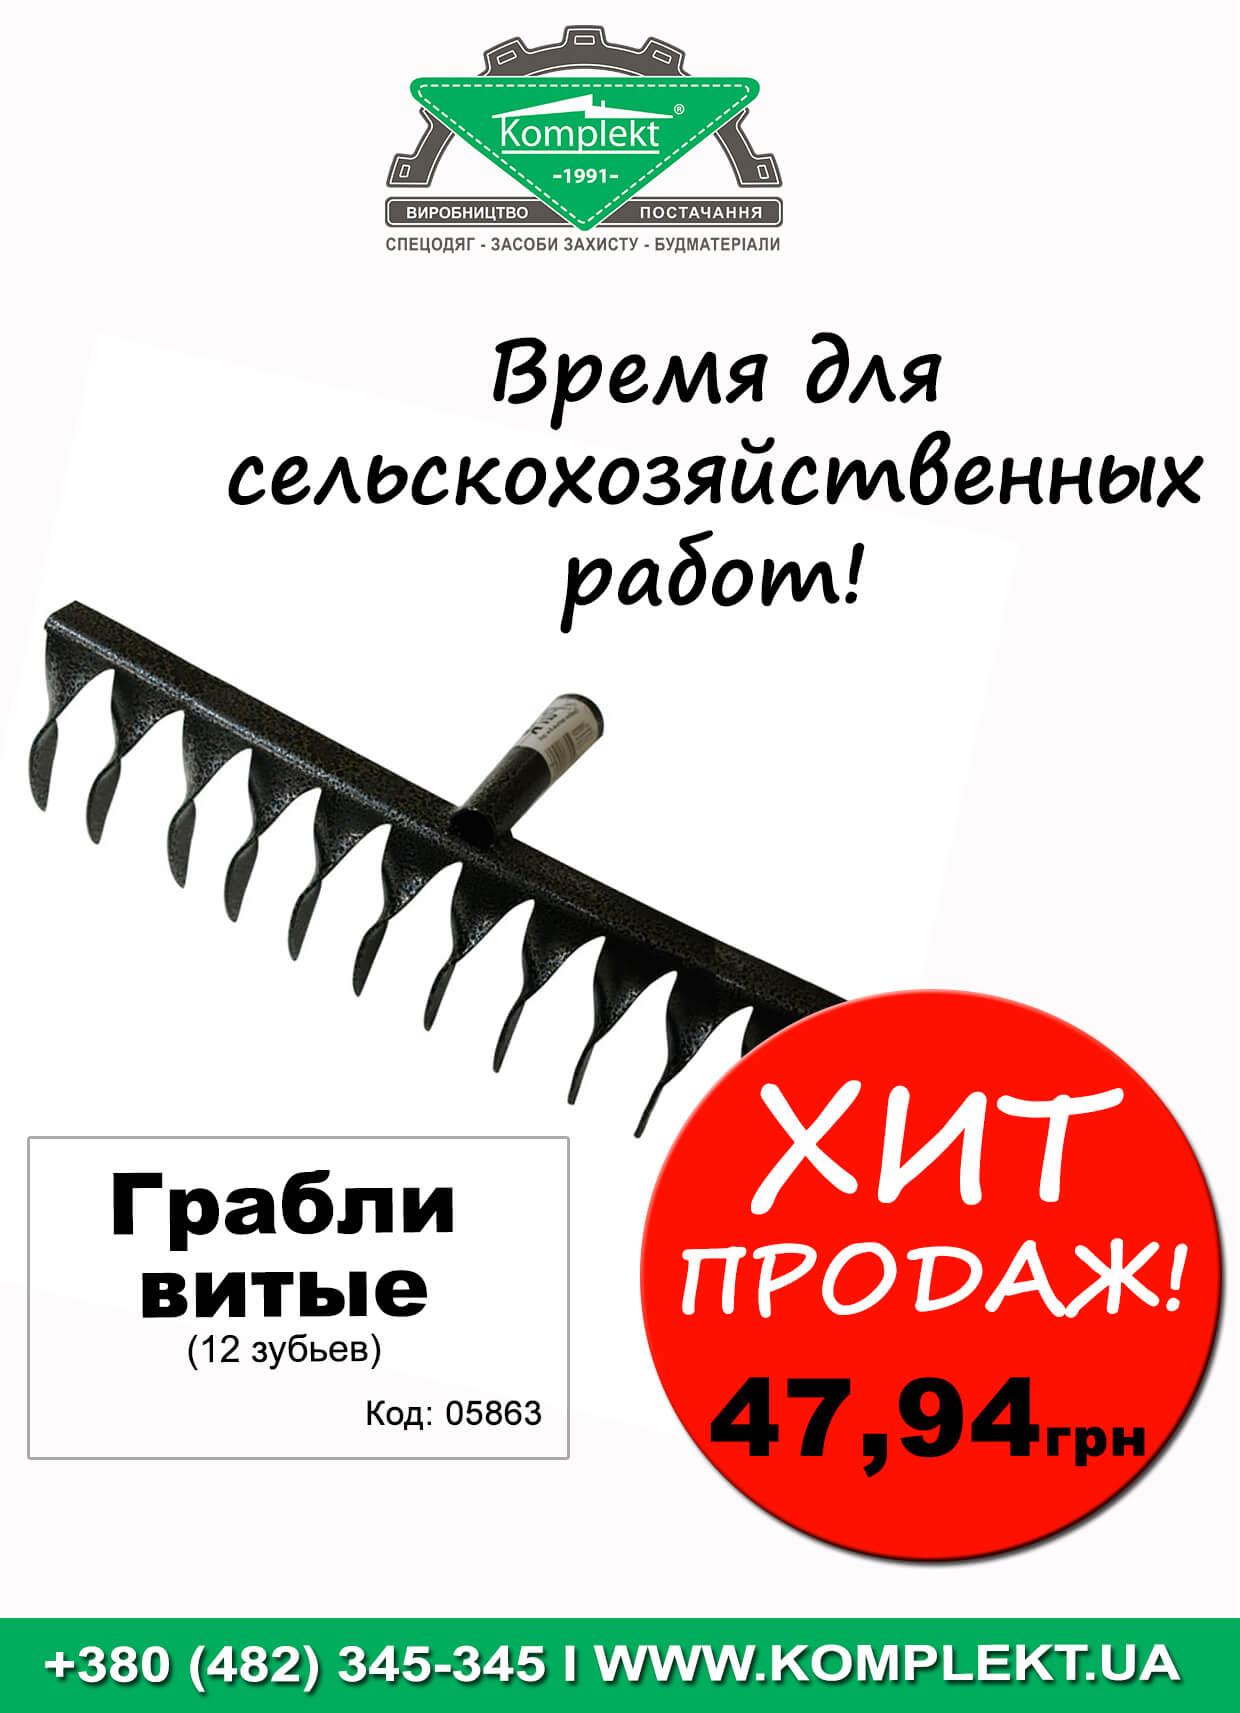 грабли витые 12 зубьев